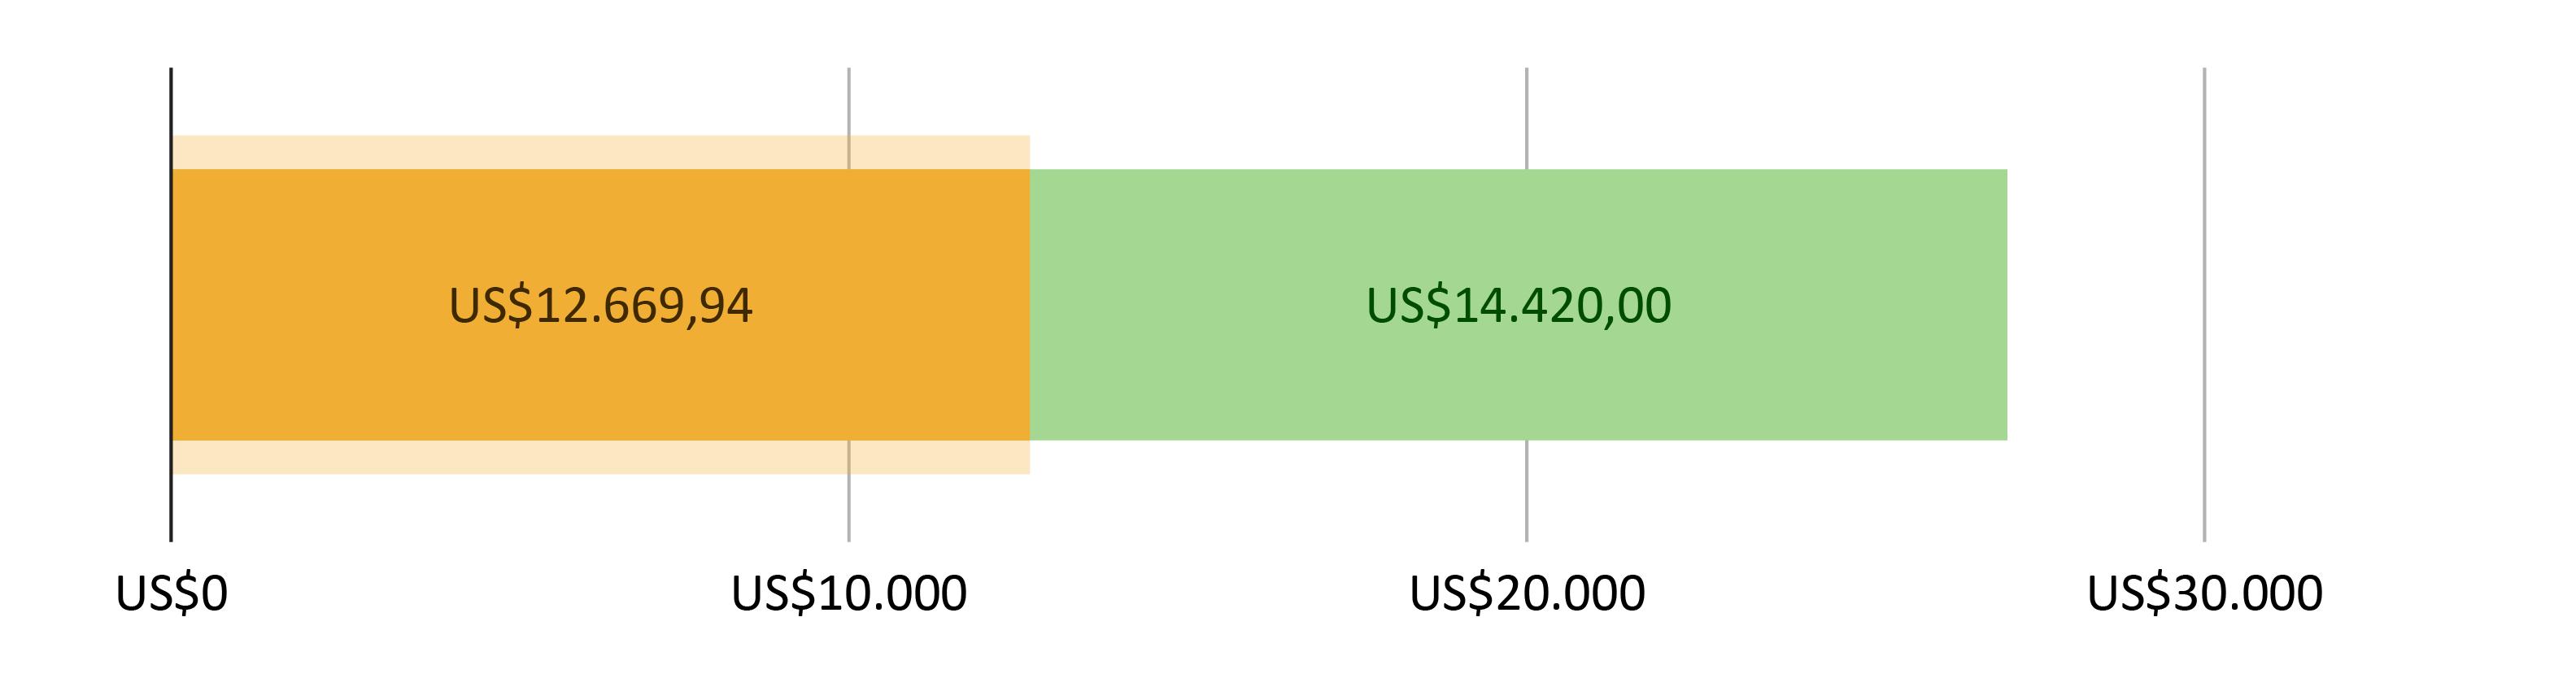 US$12.669,94 gastos; mais US$14.420,00 previstos